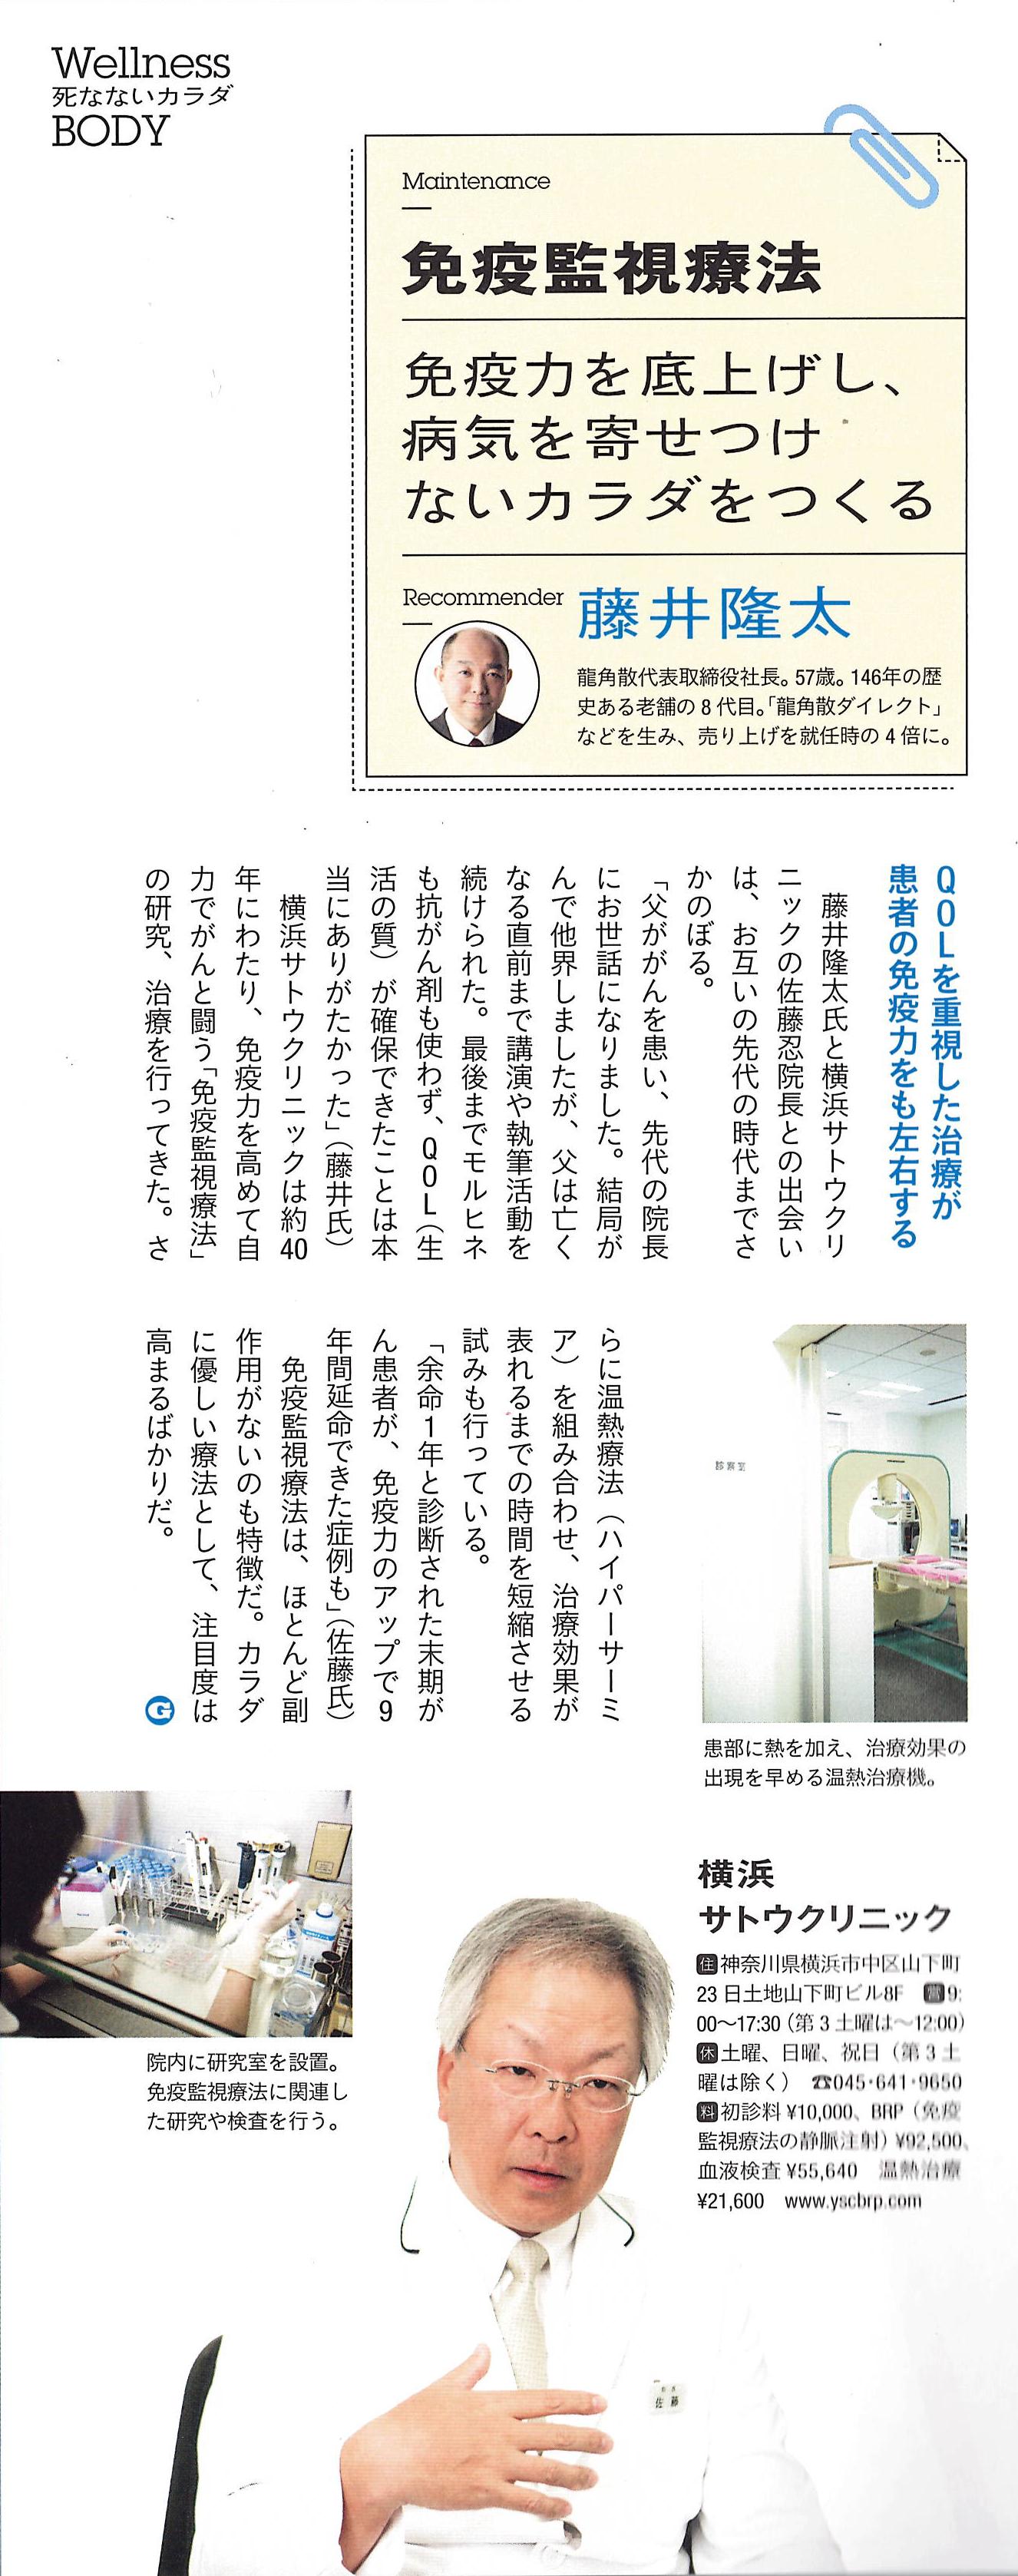 2017年6月号ゲーテ(GOETHE)にて横浜サトウクリニックが紹介されました